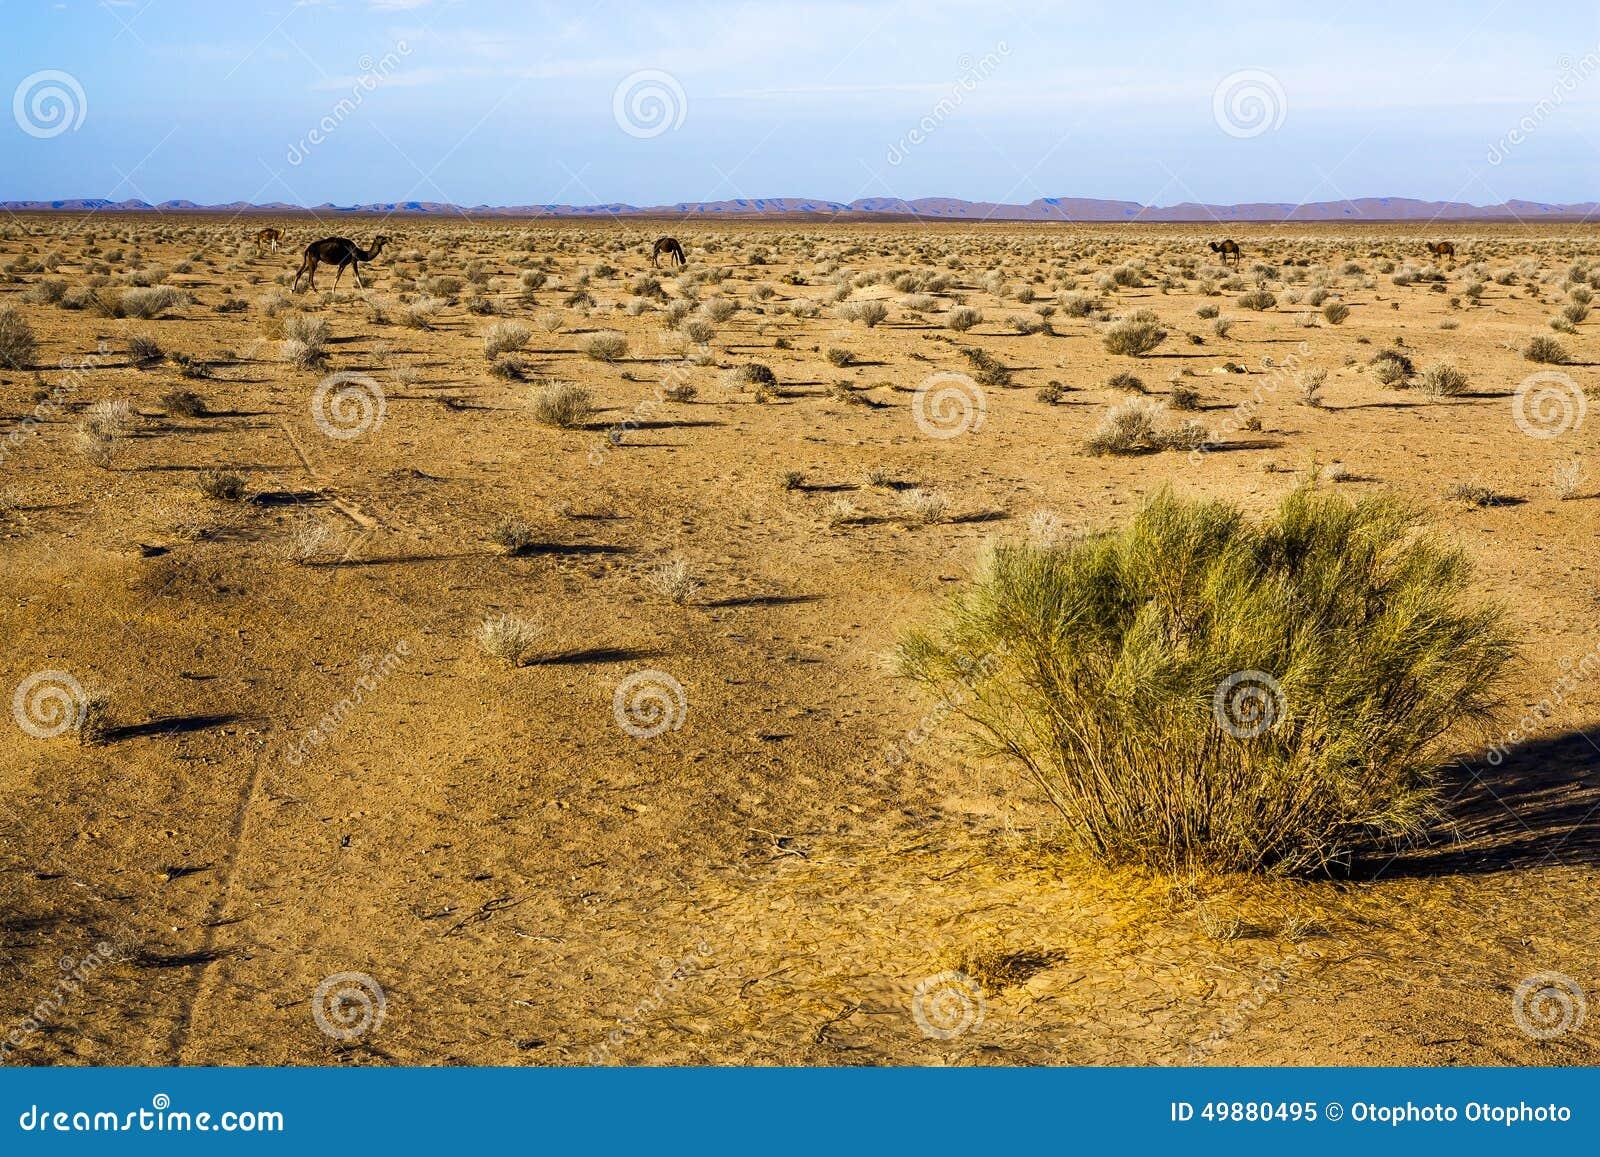 Chameaux dans le désert, buisson sec